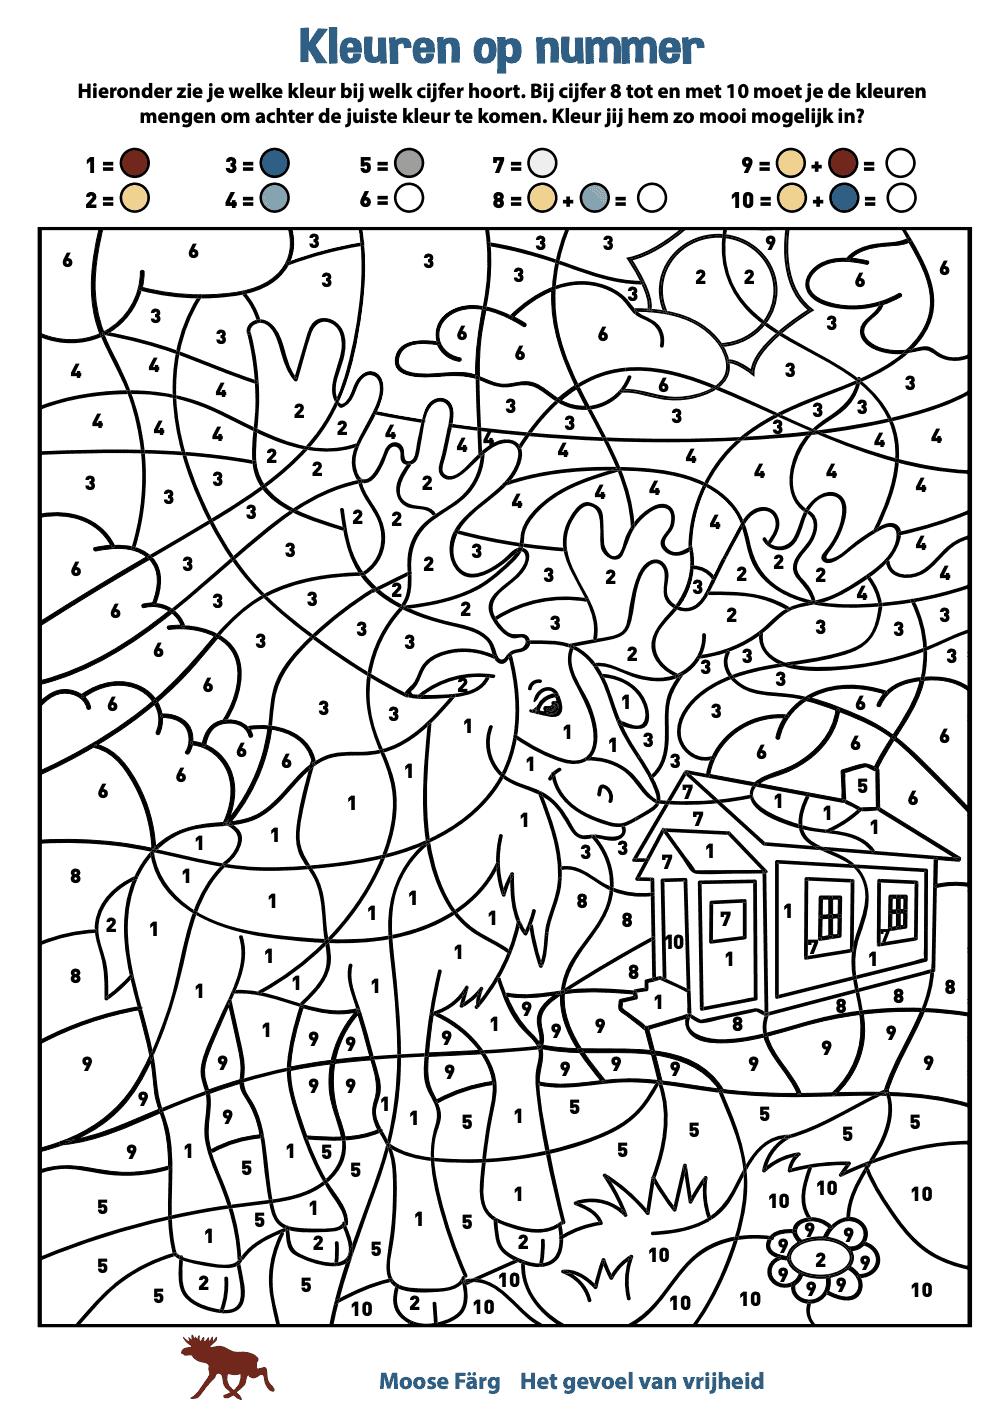 Kleurplaat Moose Farg mengen en cijfers